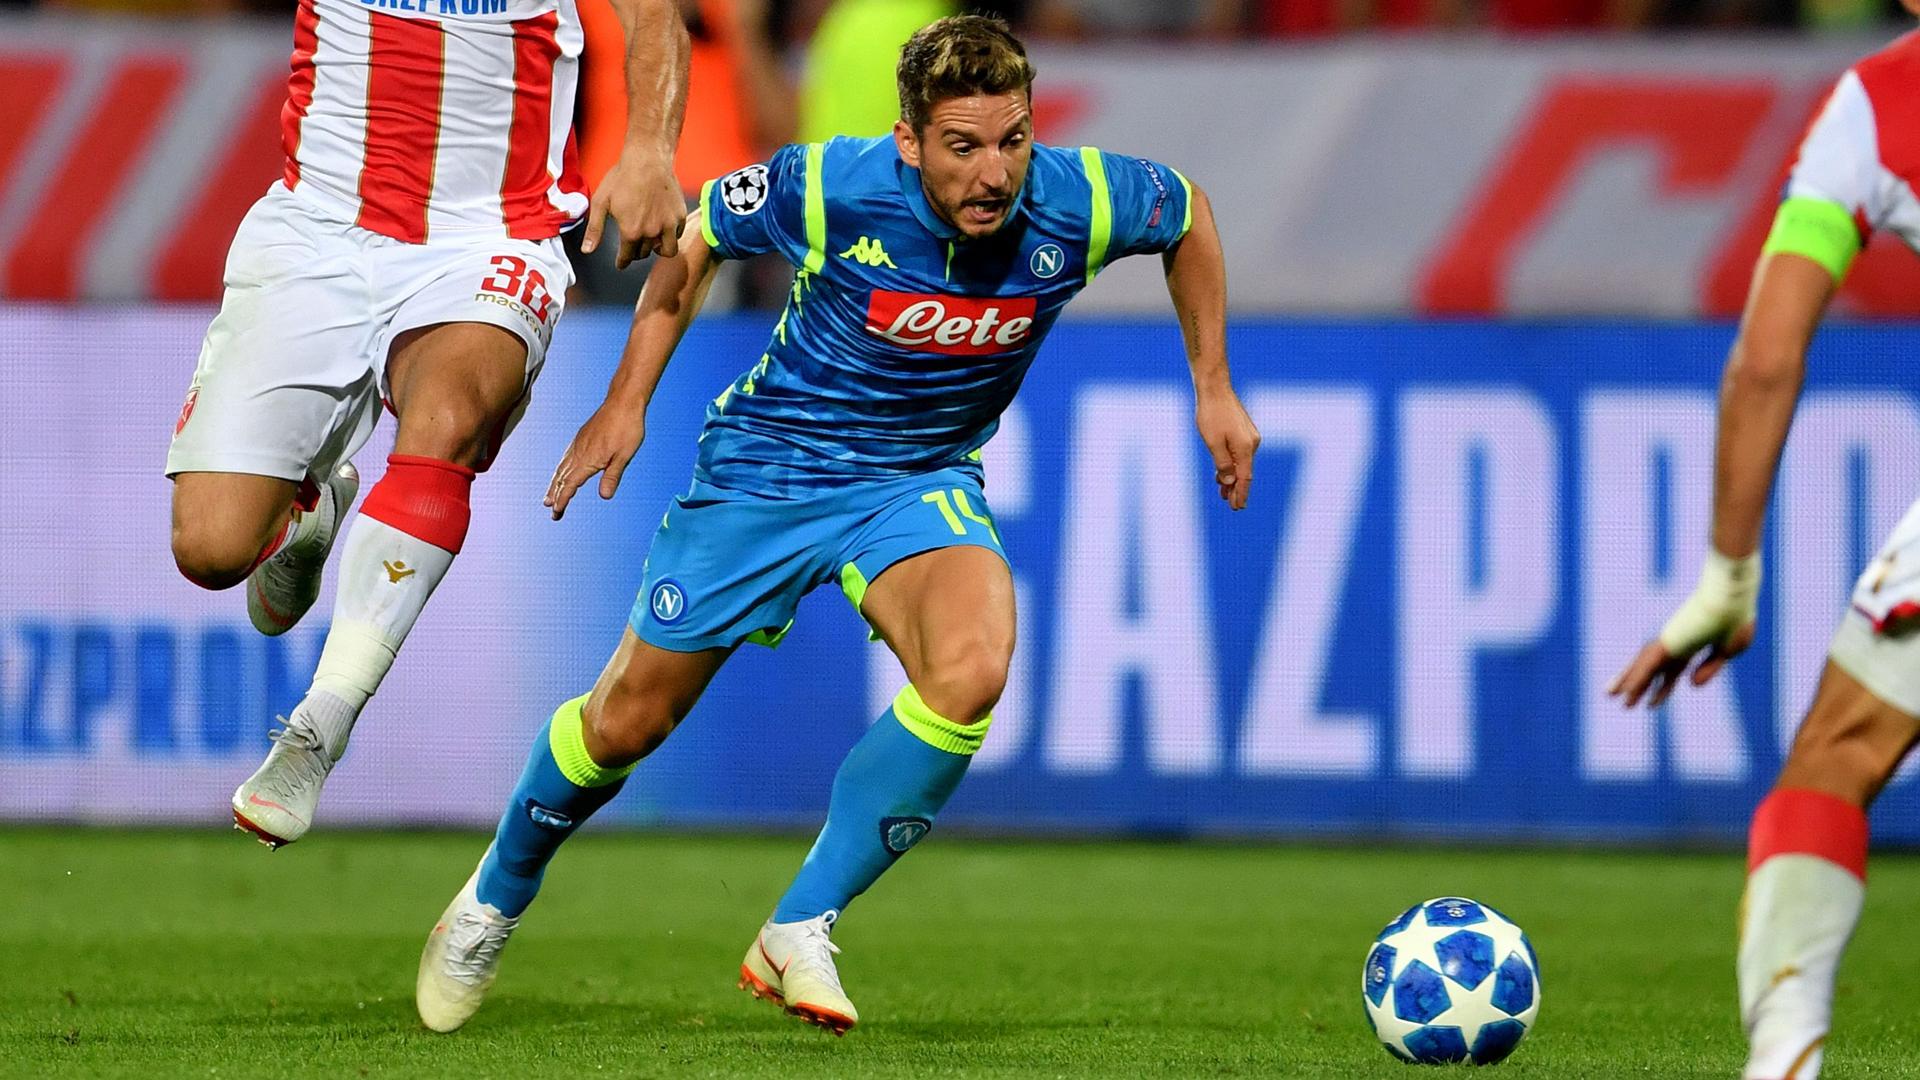 Juve Napoli, Ancelotti ritrova i bianconeri: i precedenti